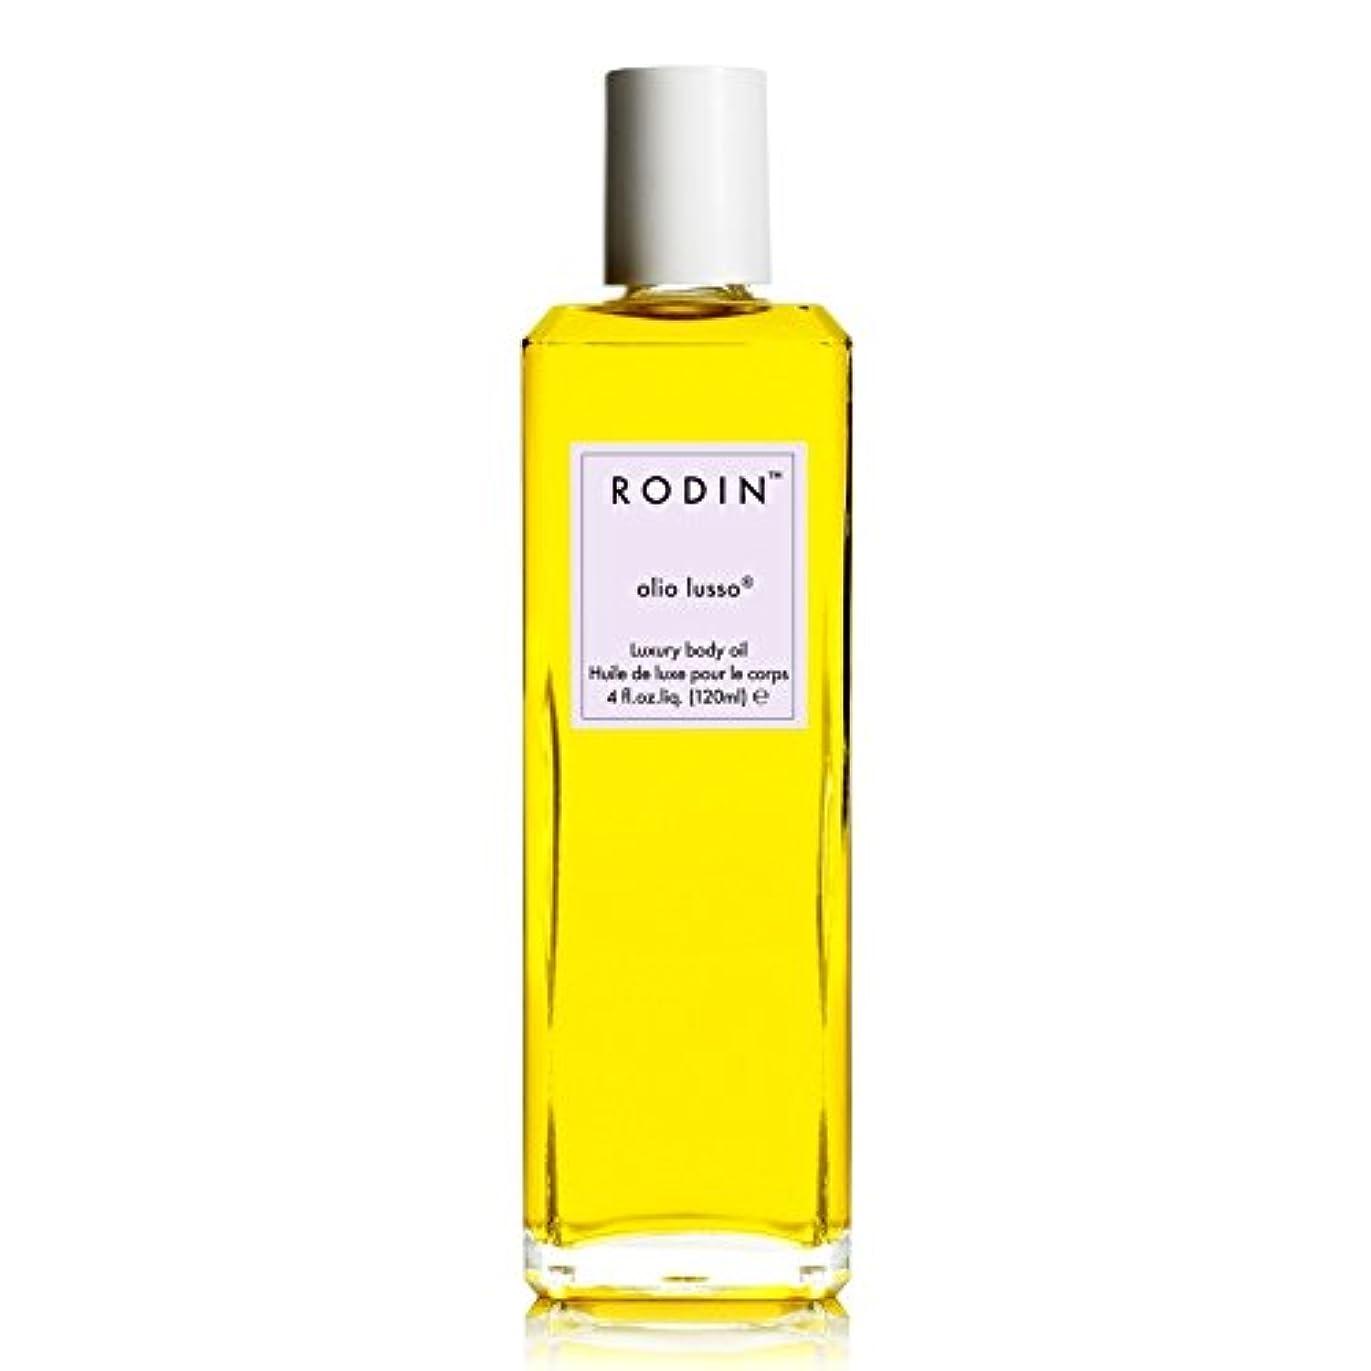 フィードオン異常な期待するRODIN olio lusso Lavender Absolute Luxury Body Oil 30ml - ロダンルッソラベンダー絶対贅沢なボディオイル30ミリリットル [並行輸入品]